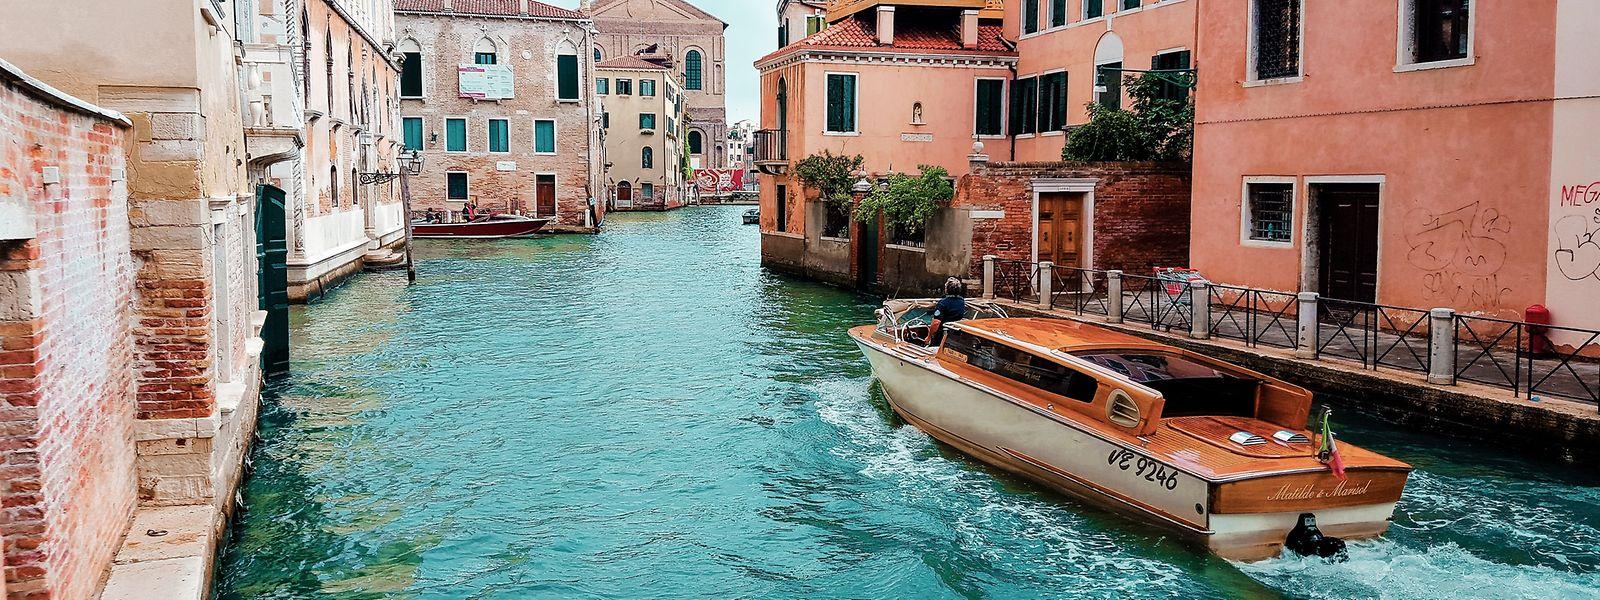 Urlaub auf Balkonien oder doch lieber in Venedig? Urlaubswillige stehen im Corona-Sommer 2020 vor einer besonders schwierigen Entscheidung.